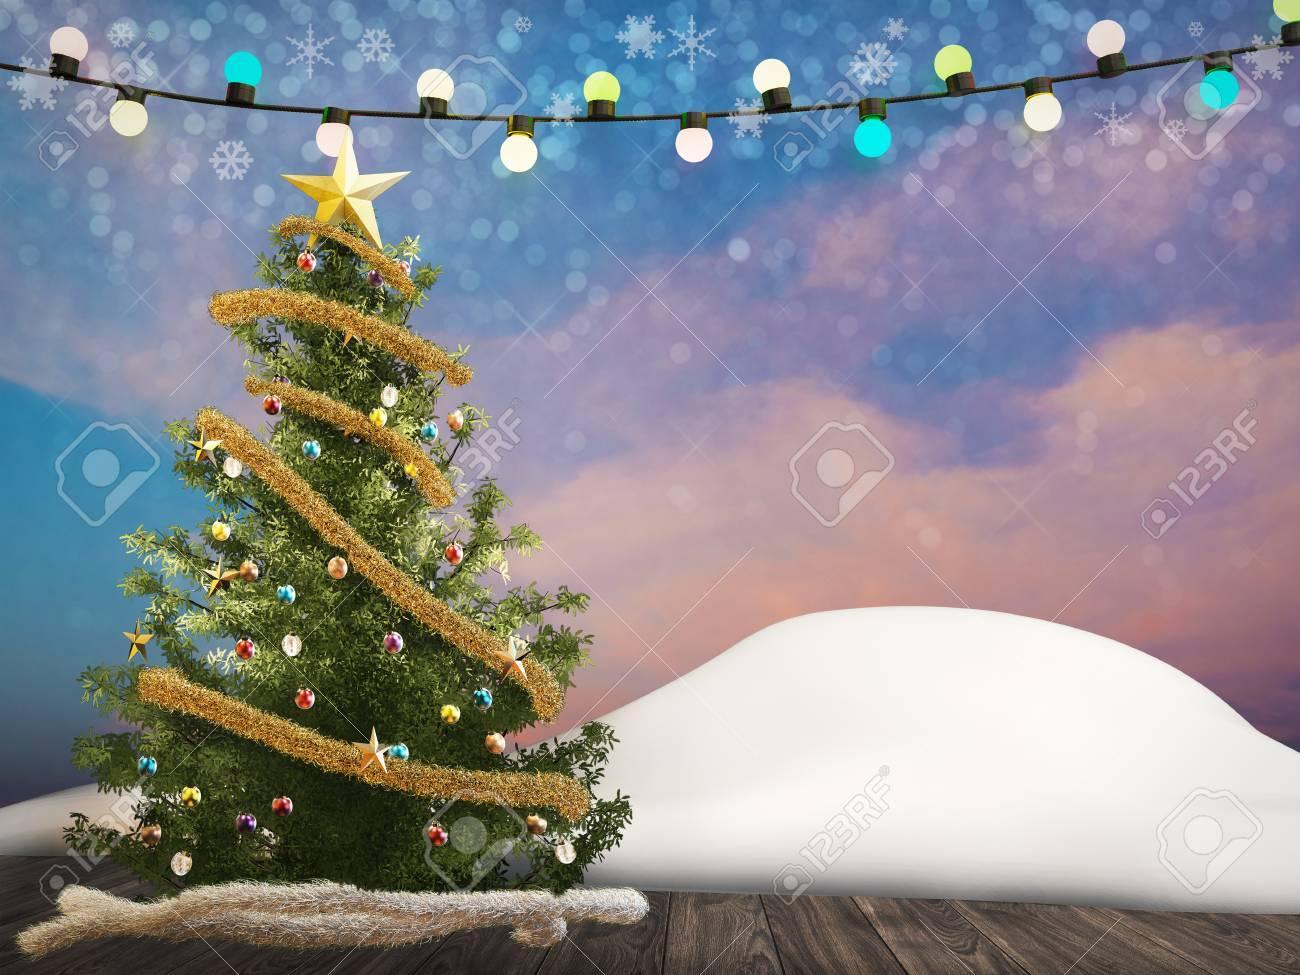 3D-Rendering Weihnachtsbaum Mit Ornamenten Und Seil Lichter ...